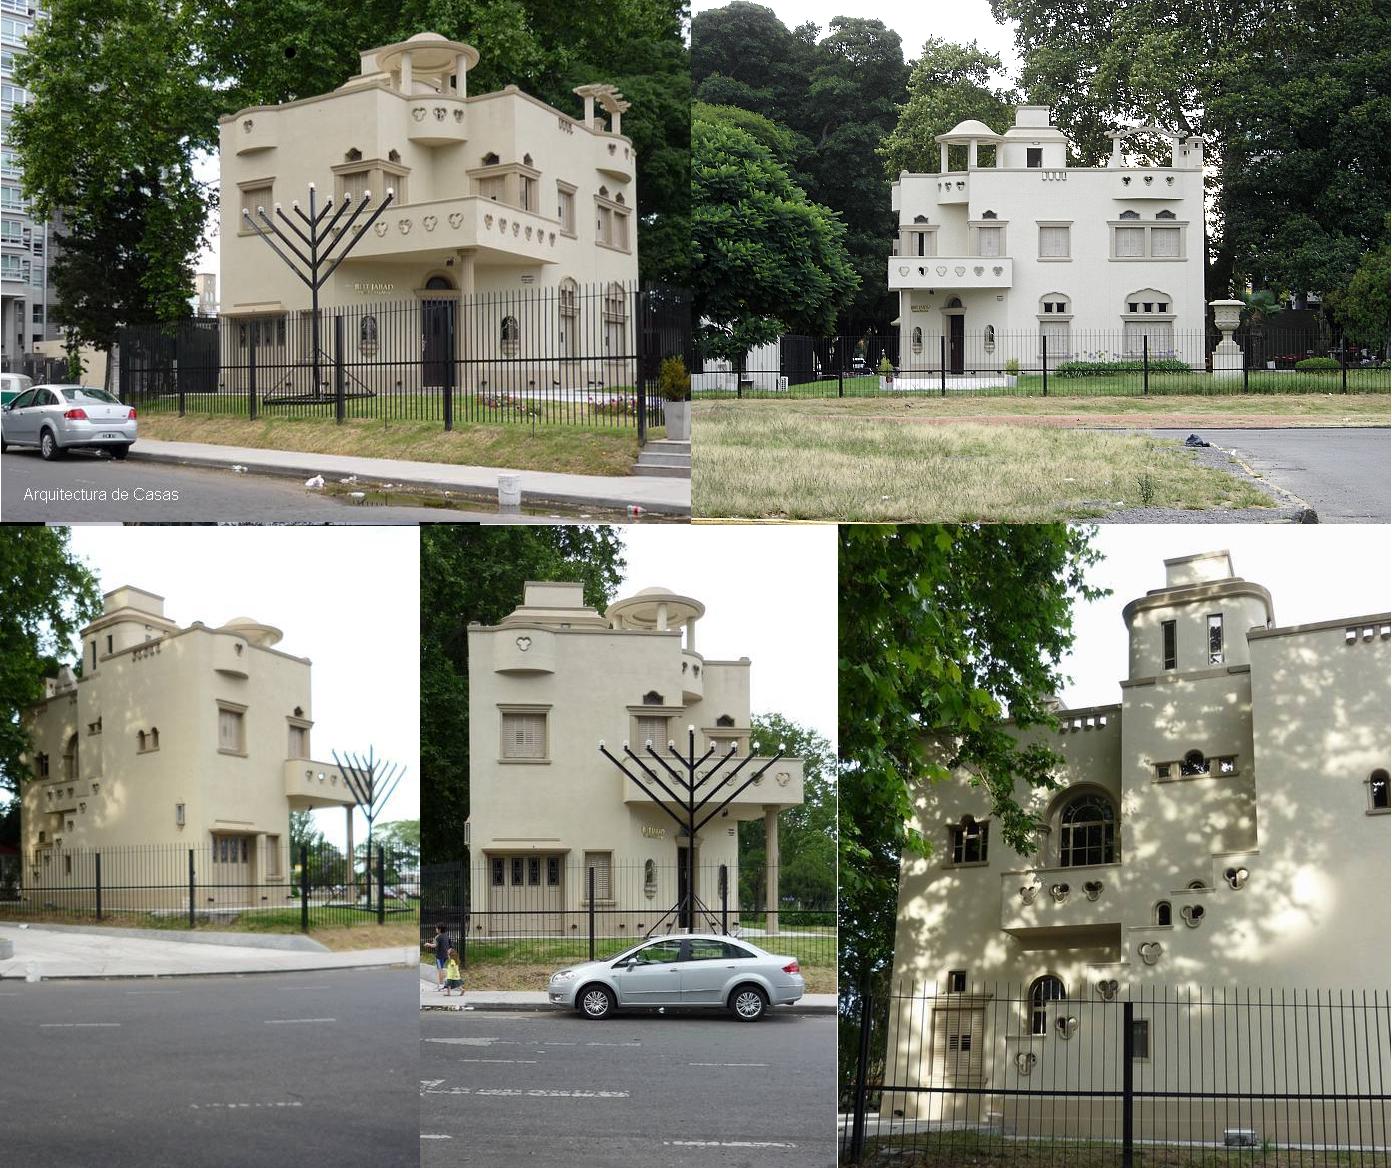 Centro Comunitario y Templo Beit Jabad - Av. de los Italianos y el Blvd. Azucena Villafor - Puerto Madero